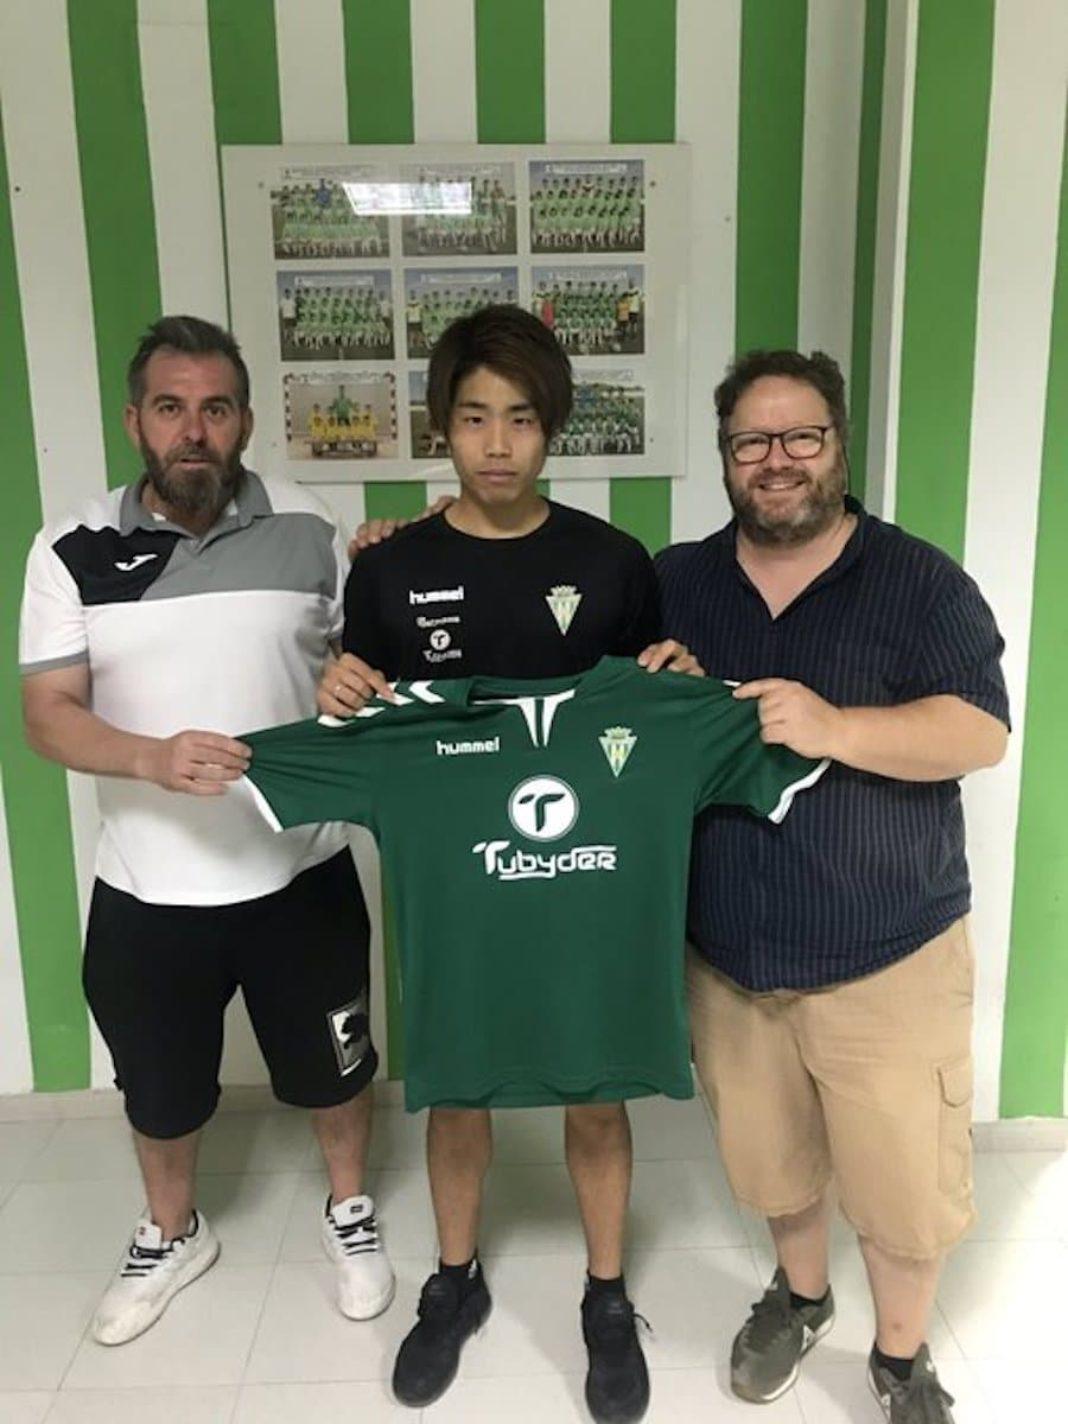 Takuya Otaka jugador herencia 1068x1424 - Takuya Otaka nuevo fichaje del Herencia C.F.